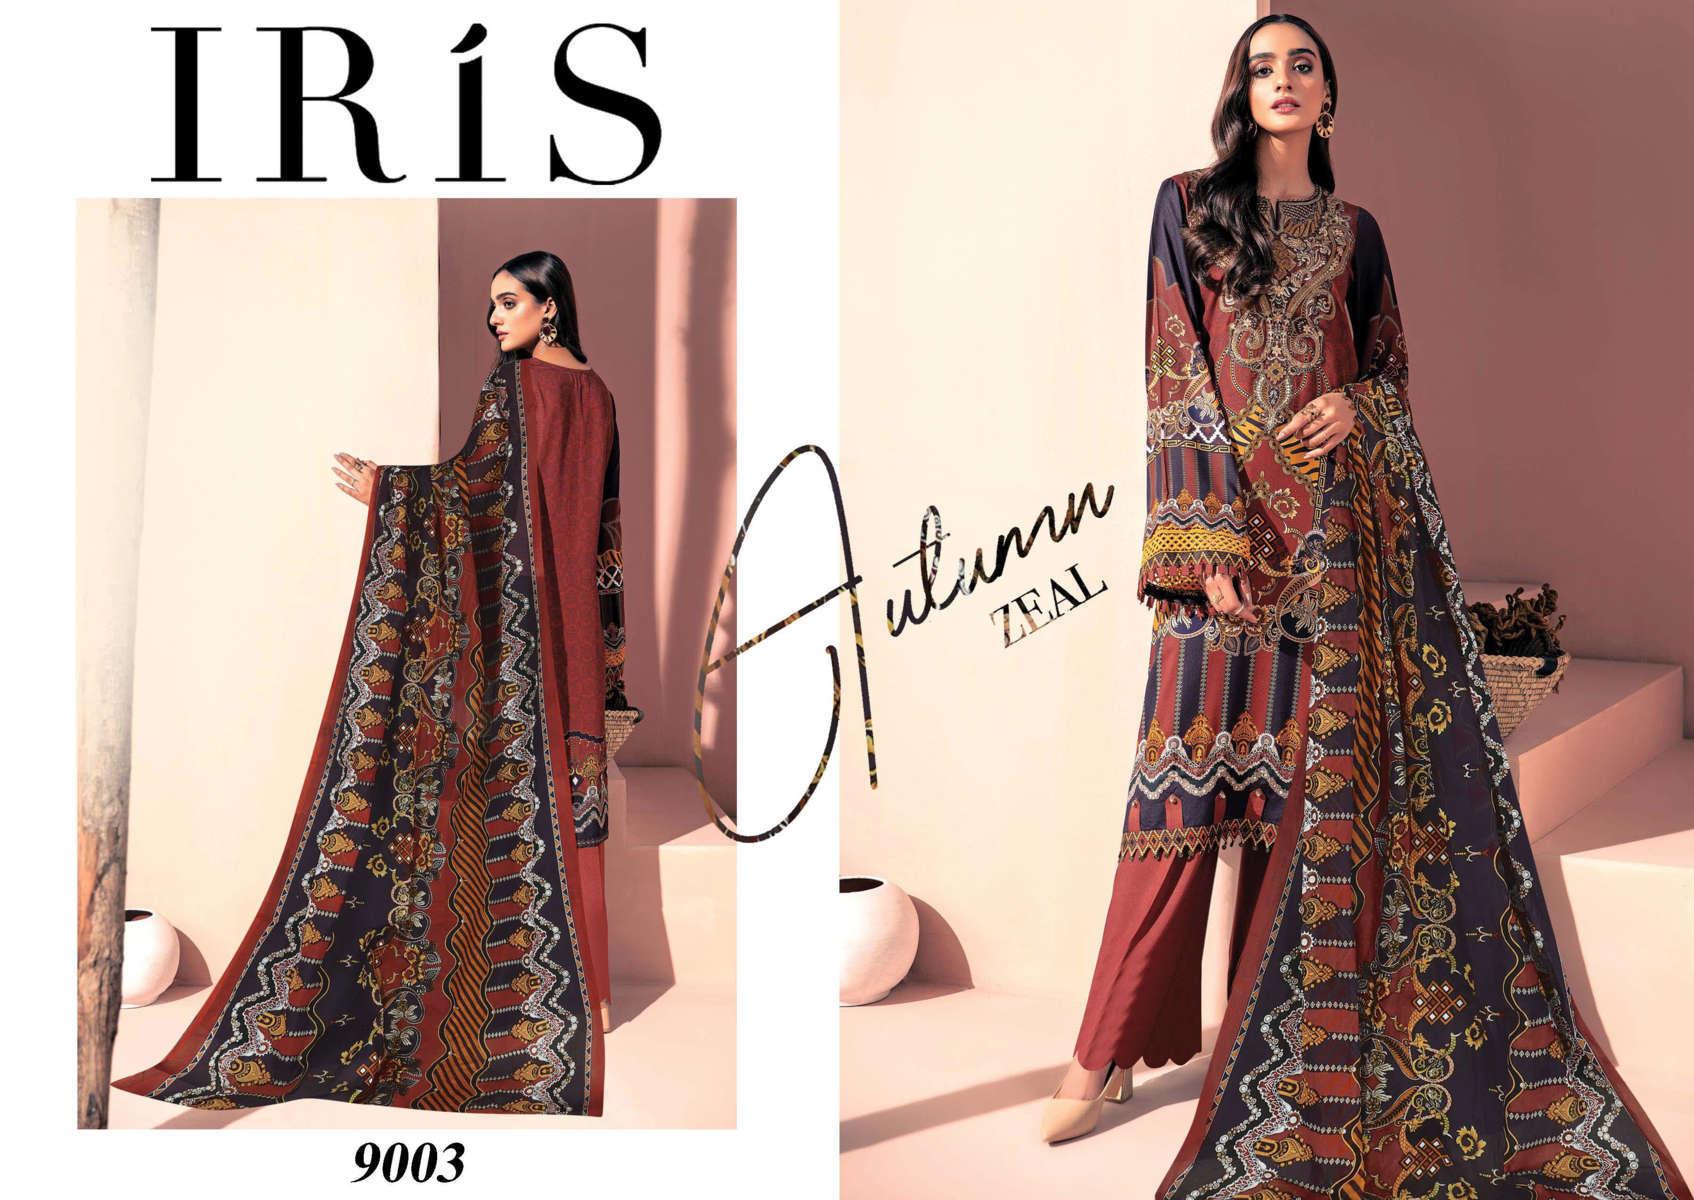 Iris Vol 9 Karachi Cotton Salwar Suit Wholesale Catalog 10 Pcs 5 - Iris Vol 9 Karachi Cotton Salwar Suit Wholesale Catalog 10 Pcs